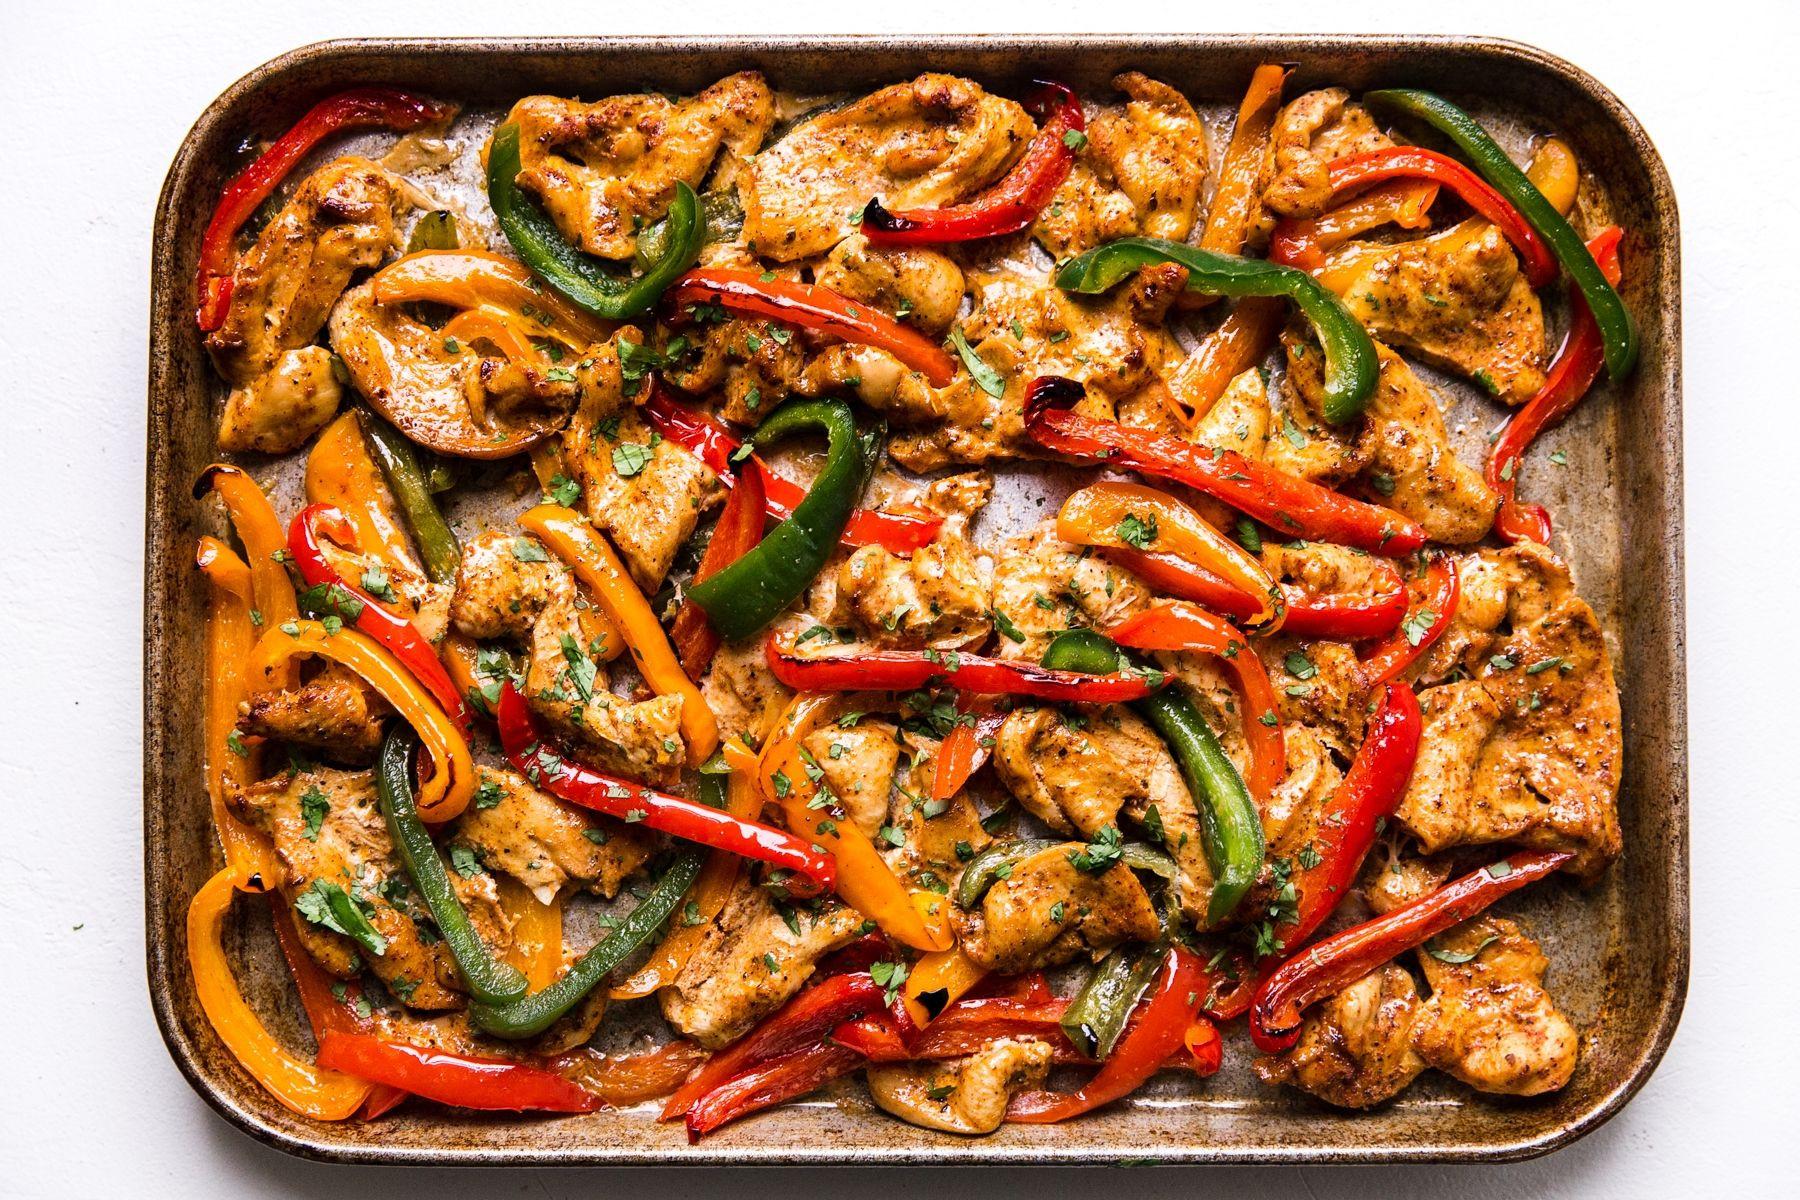 Freezer Chicken Fajitas  Freezer Chicken Fajitas Recipe in 2020